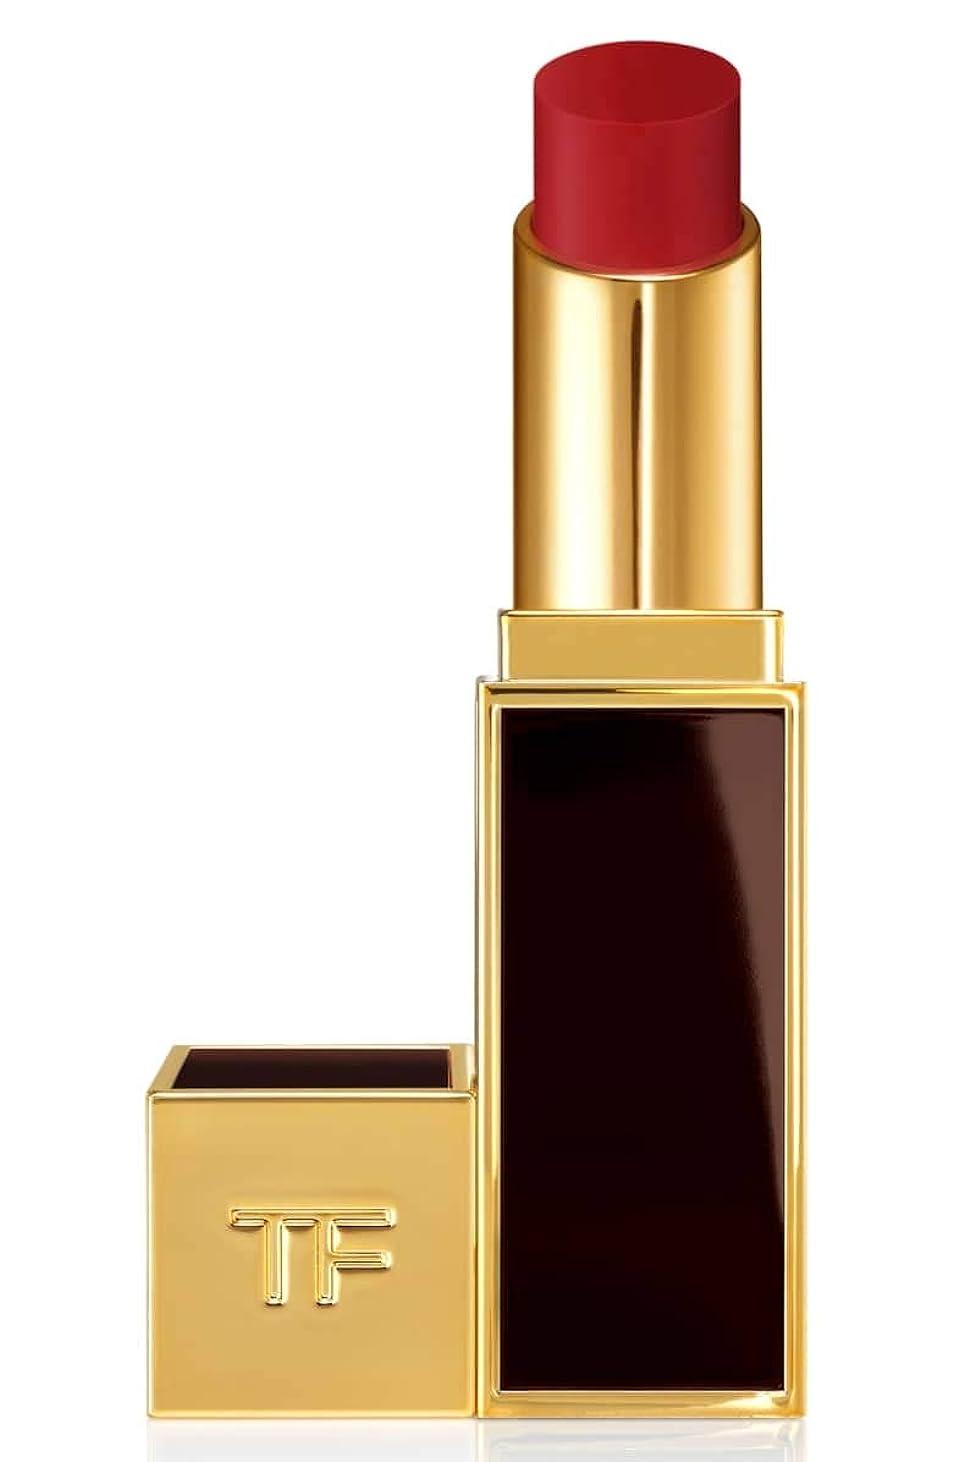 提案する城吸うトム フォード Lip Color Satin Matte - # 15 LA Woman 3.3g/0.11oz並行輸入品